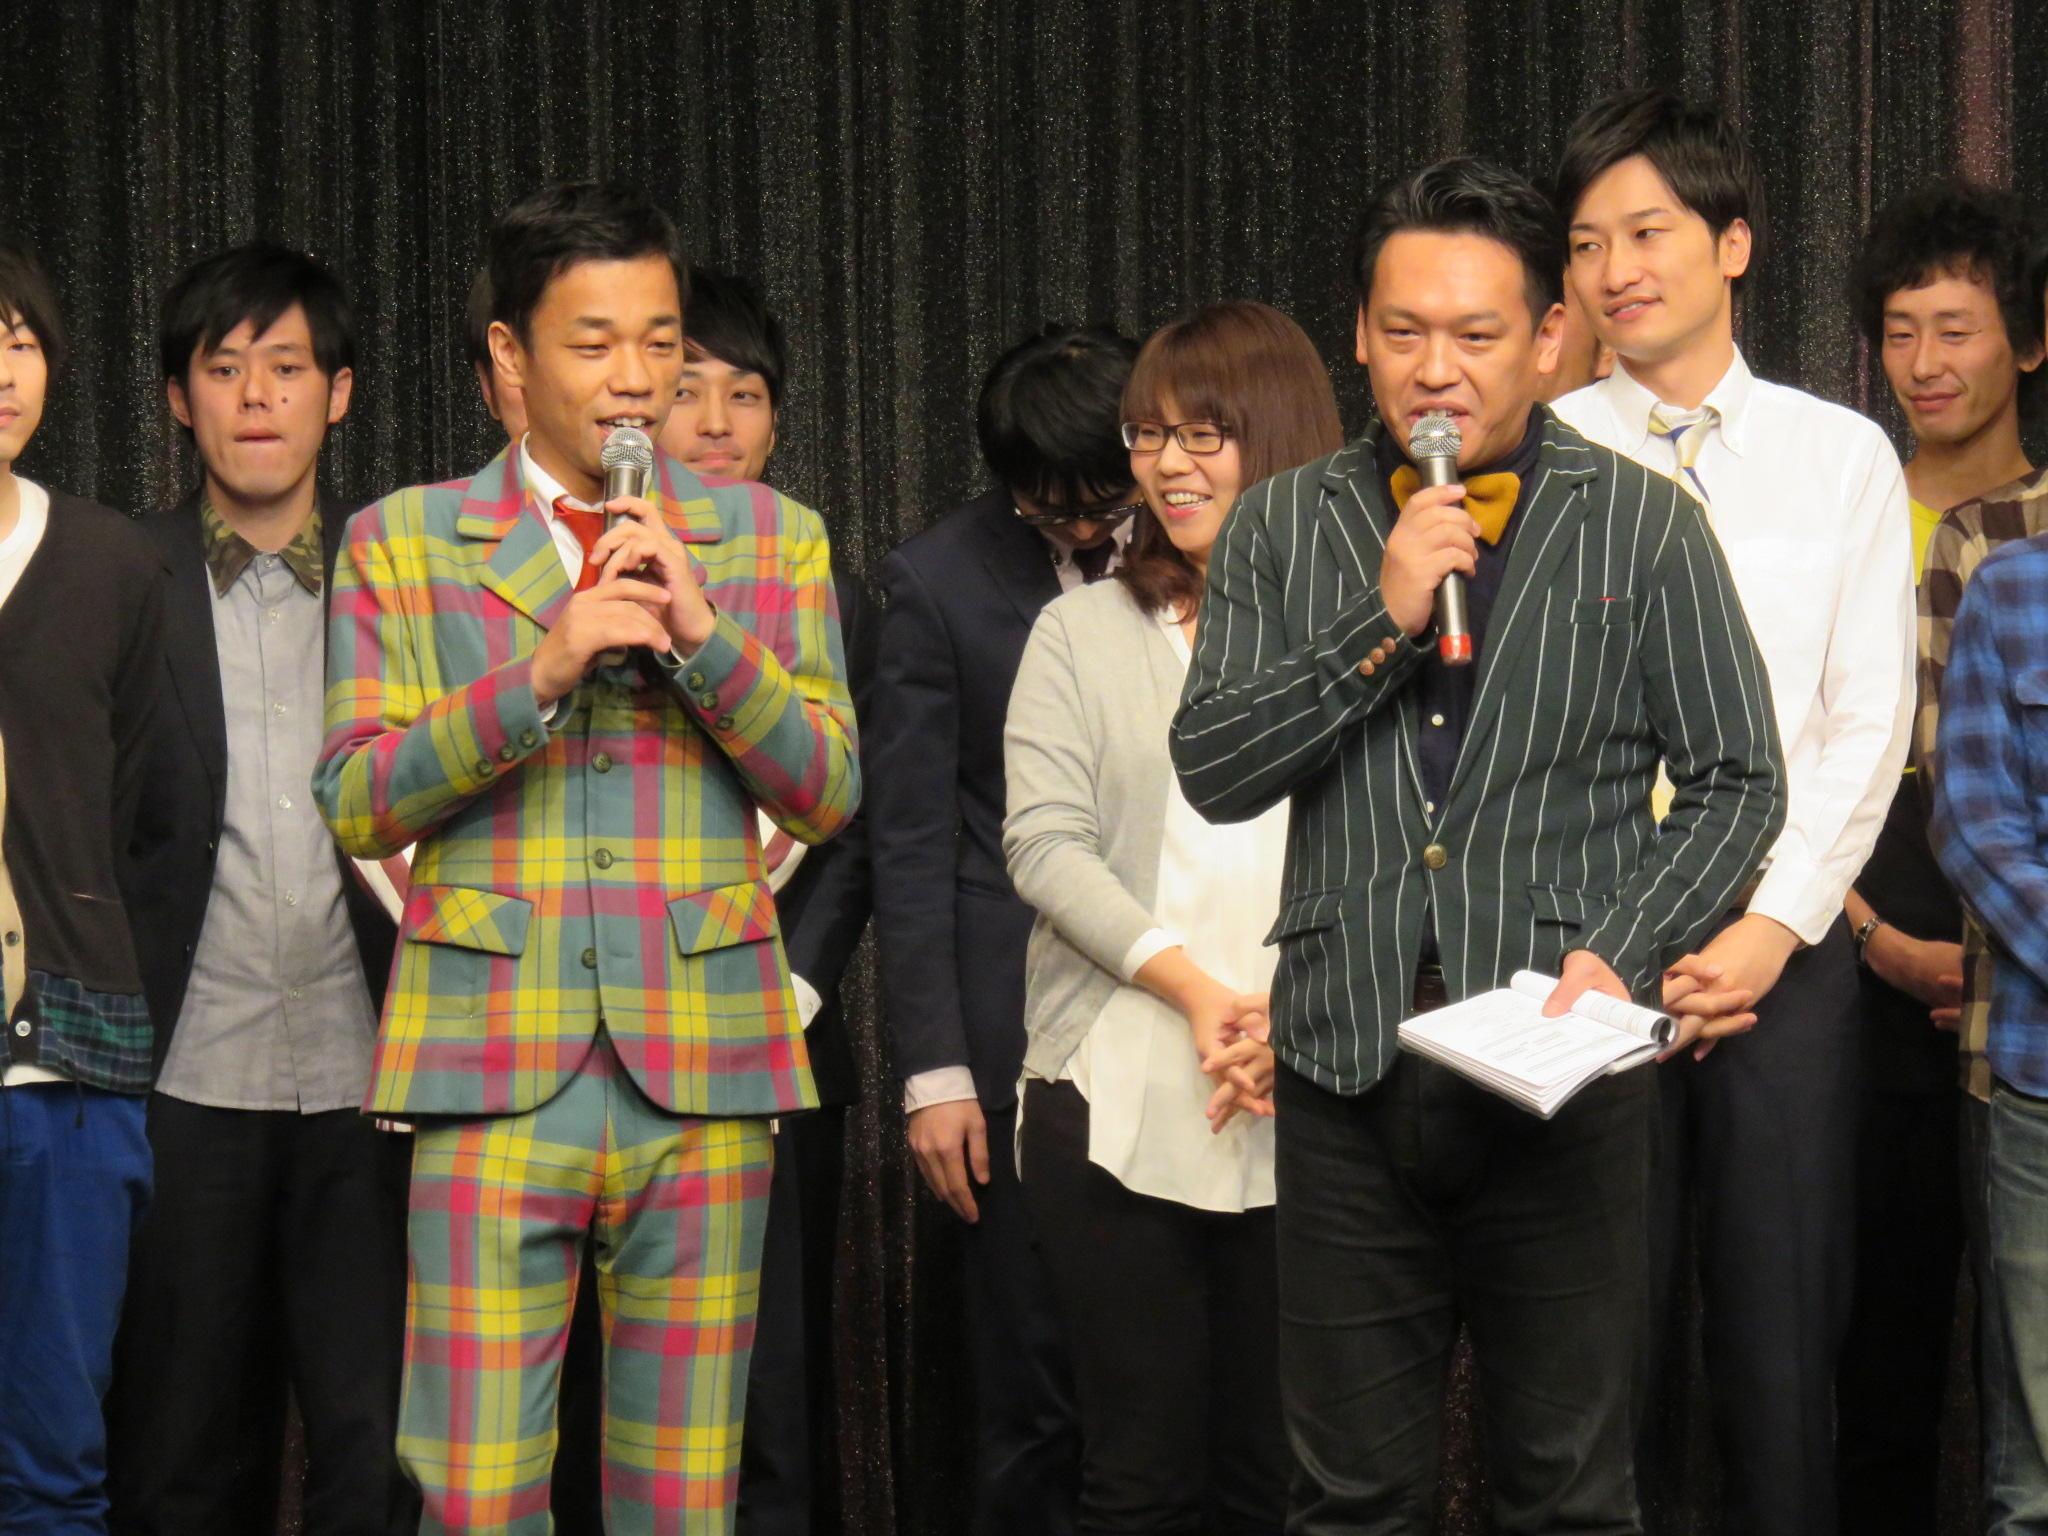 http://news.yoshimoto.co.jp/20151230165140-3910178b26e01ca838d0ea5c9b4bc89353a67a20.jpg